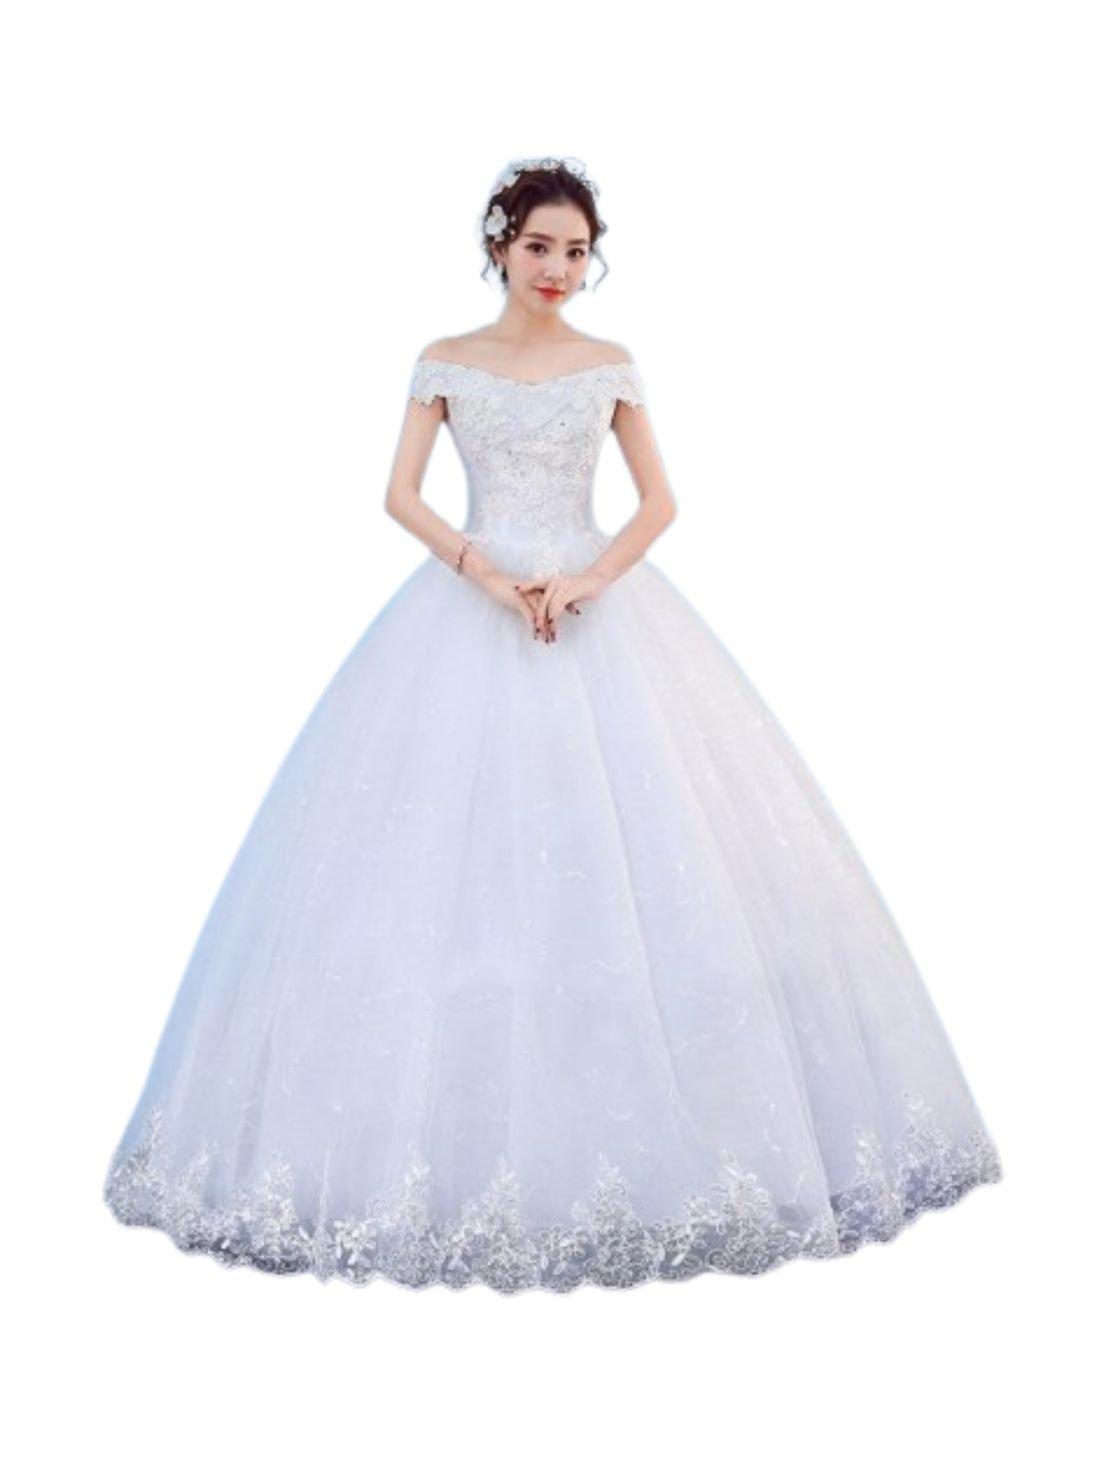 White Boat Neck China Ball Dress